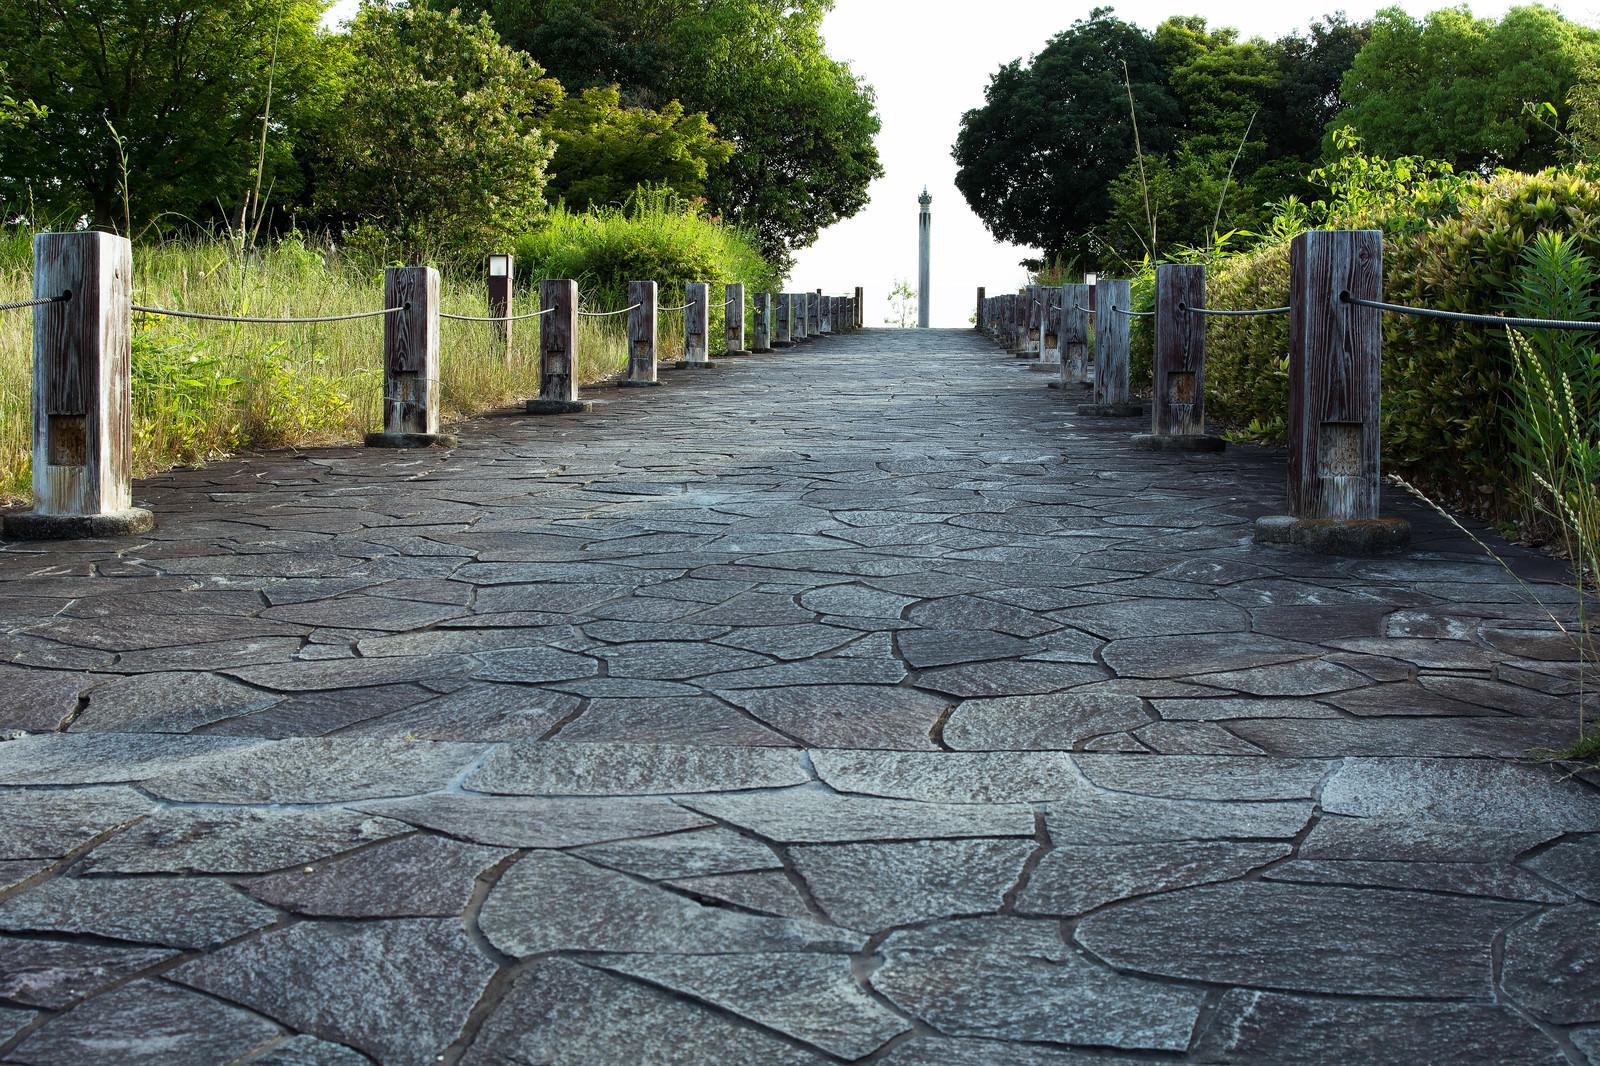 「石畳の道」の写真